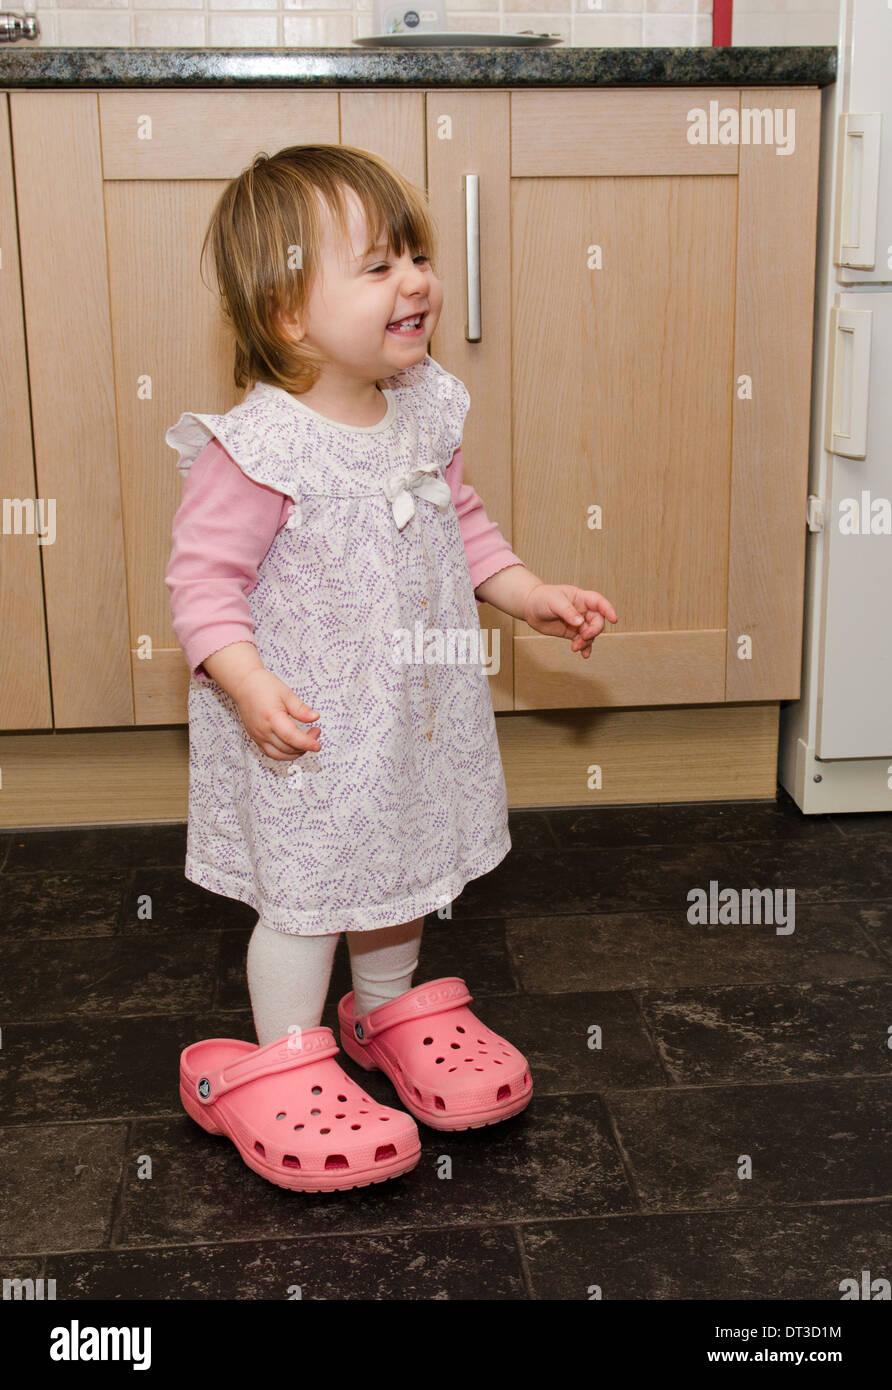 18 Monate altes Mädchen Mutter Crocks Schuhe tragen. Stockfoto